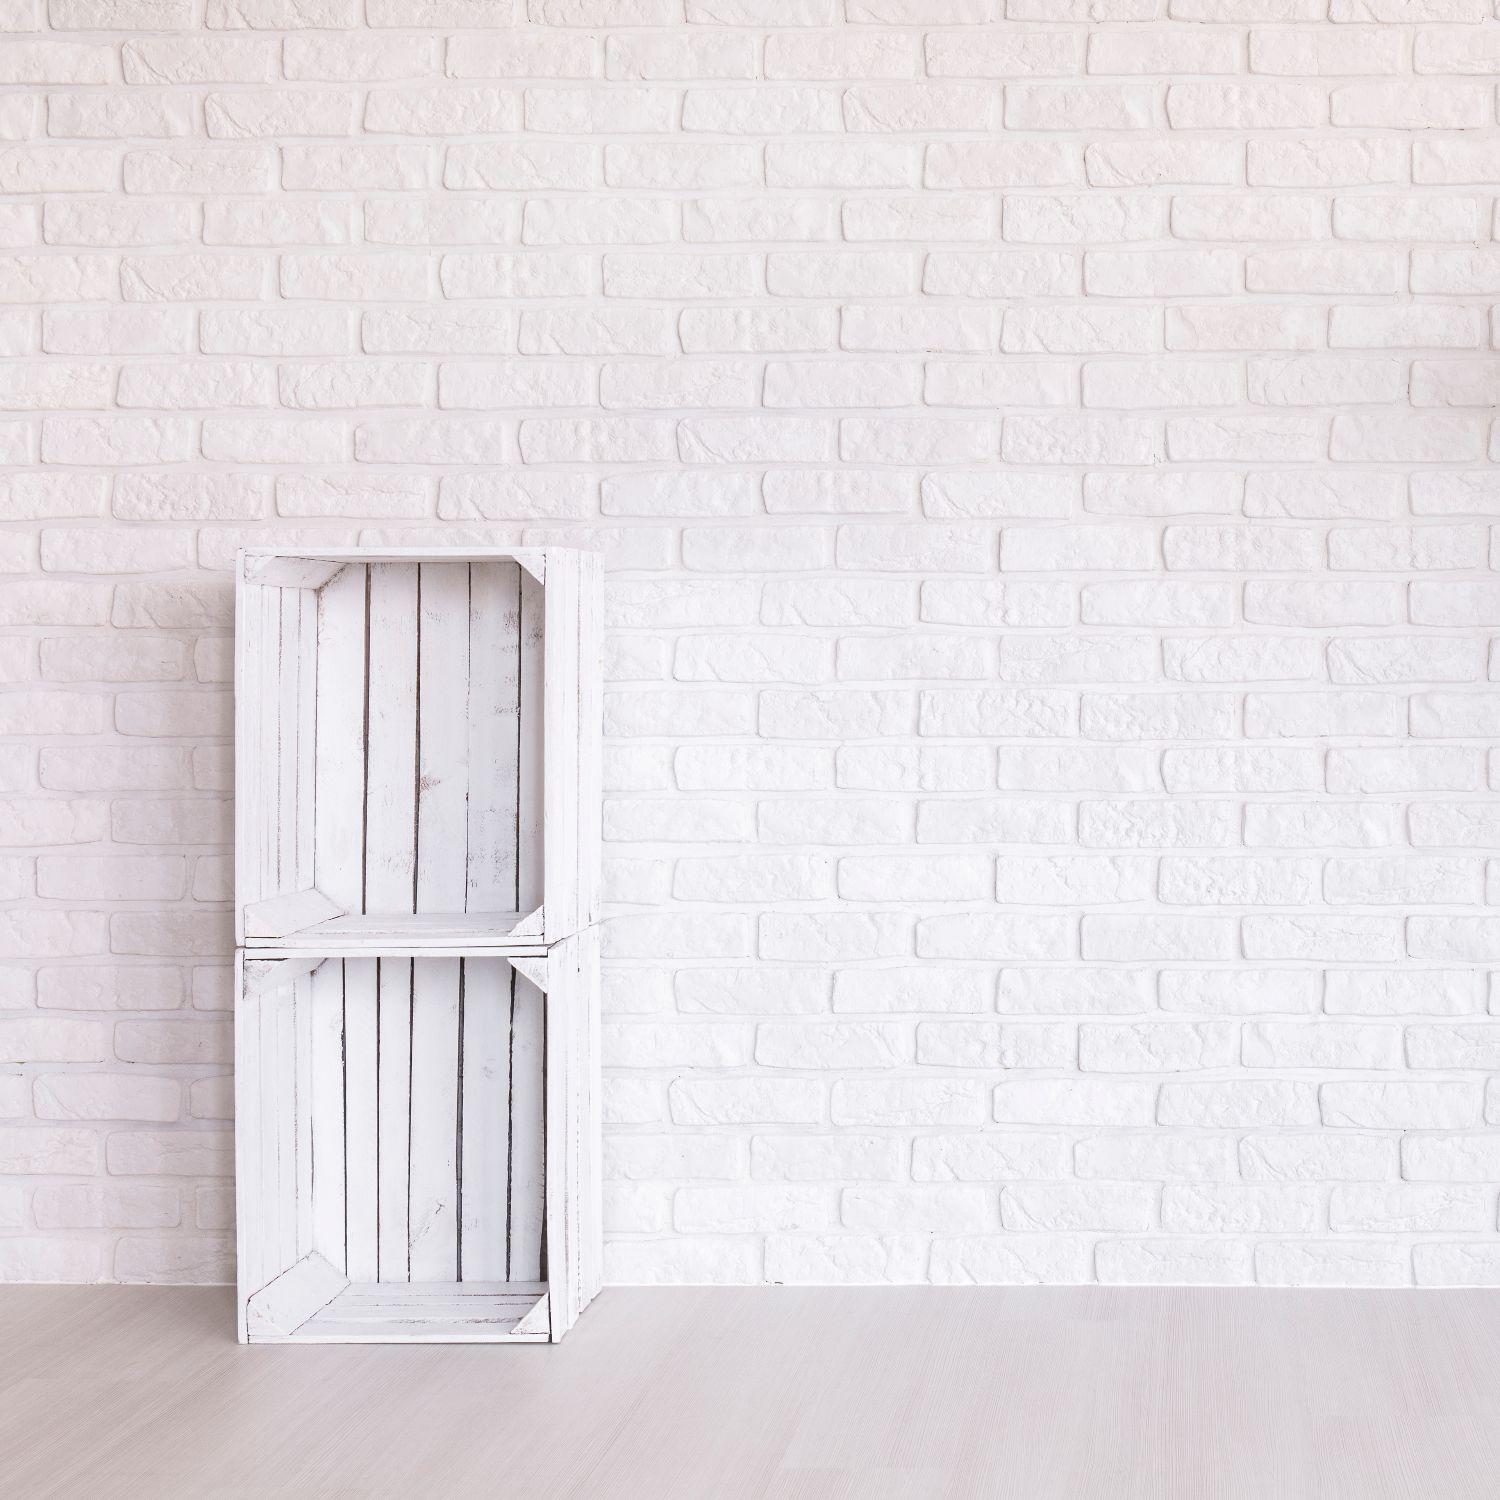 https://alternativeprod.com/portfolio/blank-door-bricks/